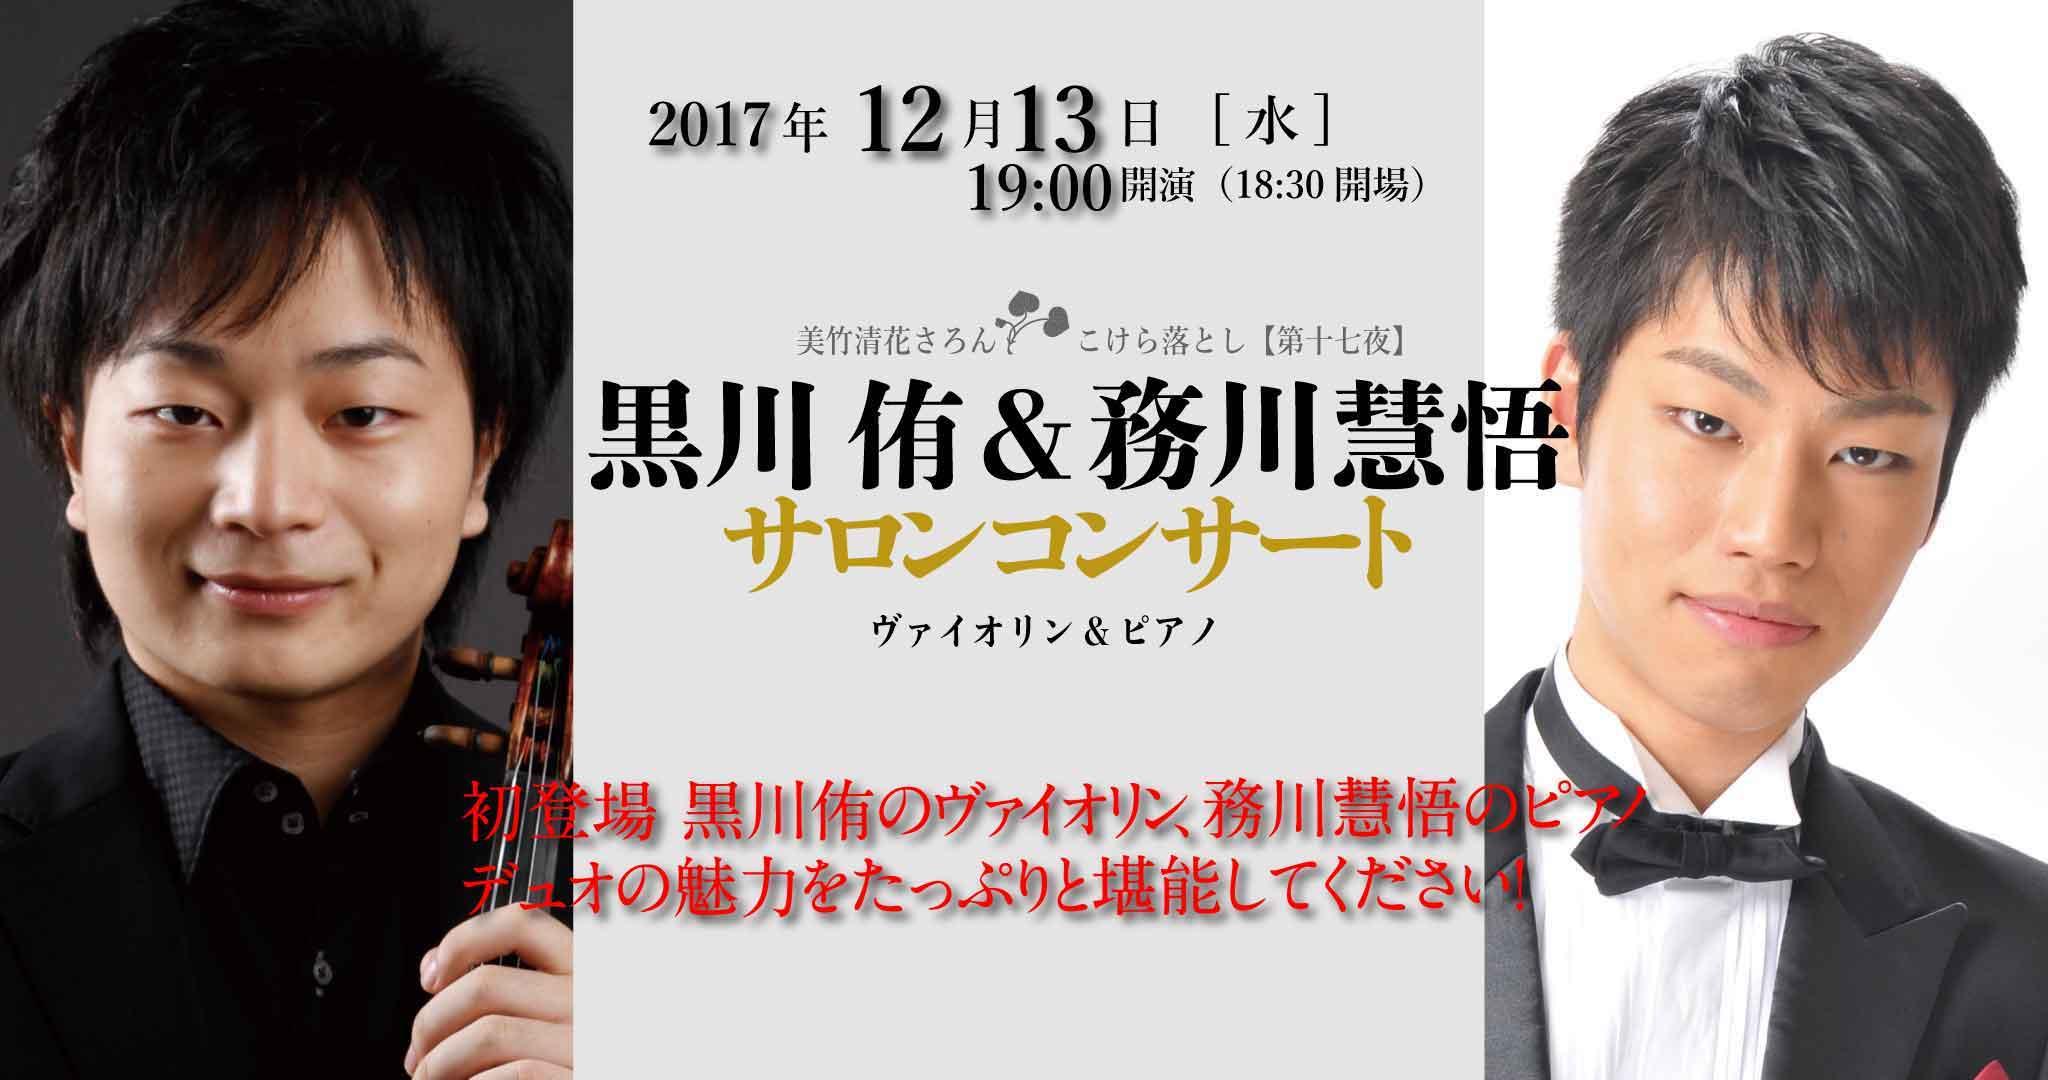 12月13日 19:00 〜 黒川侑&務川慧悟サロンコンサート-Violin&Piano-